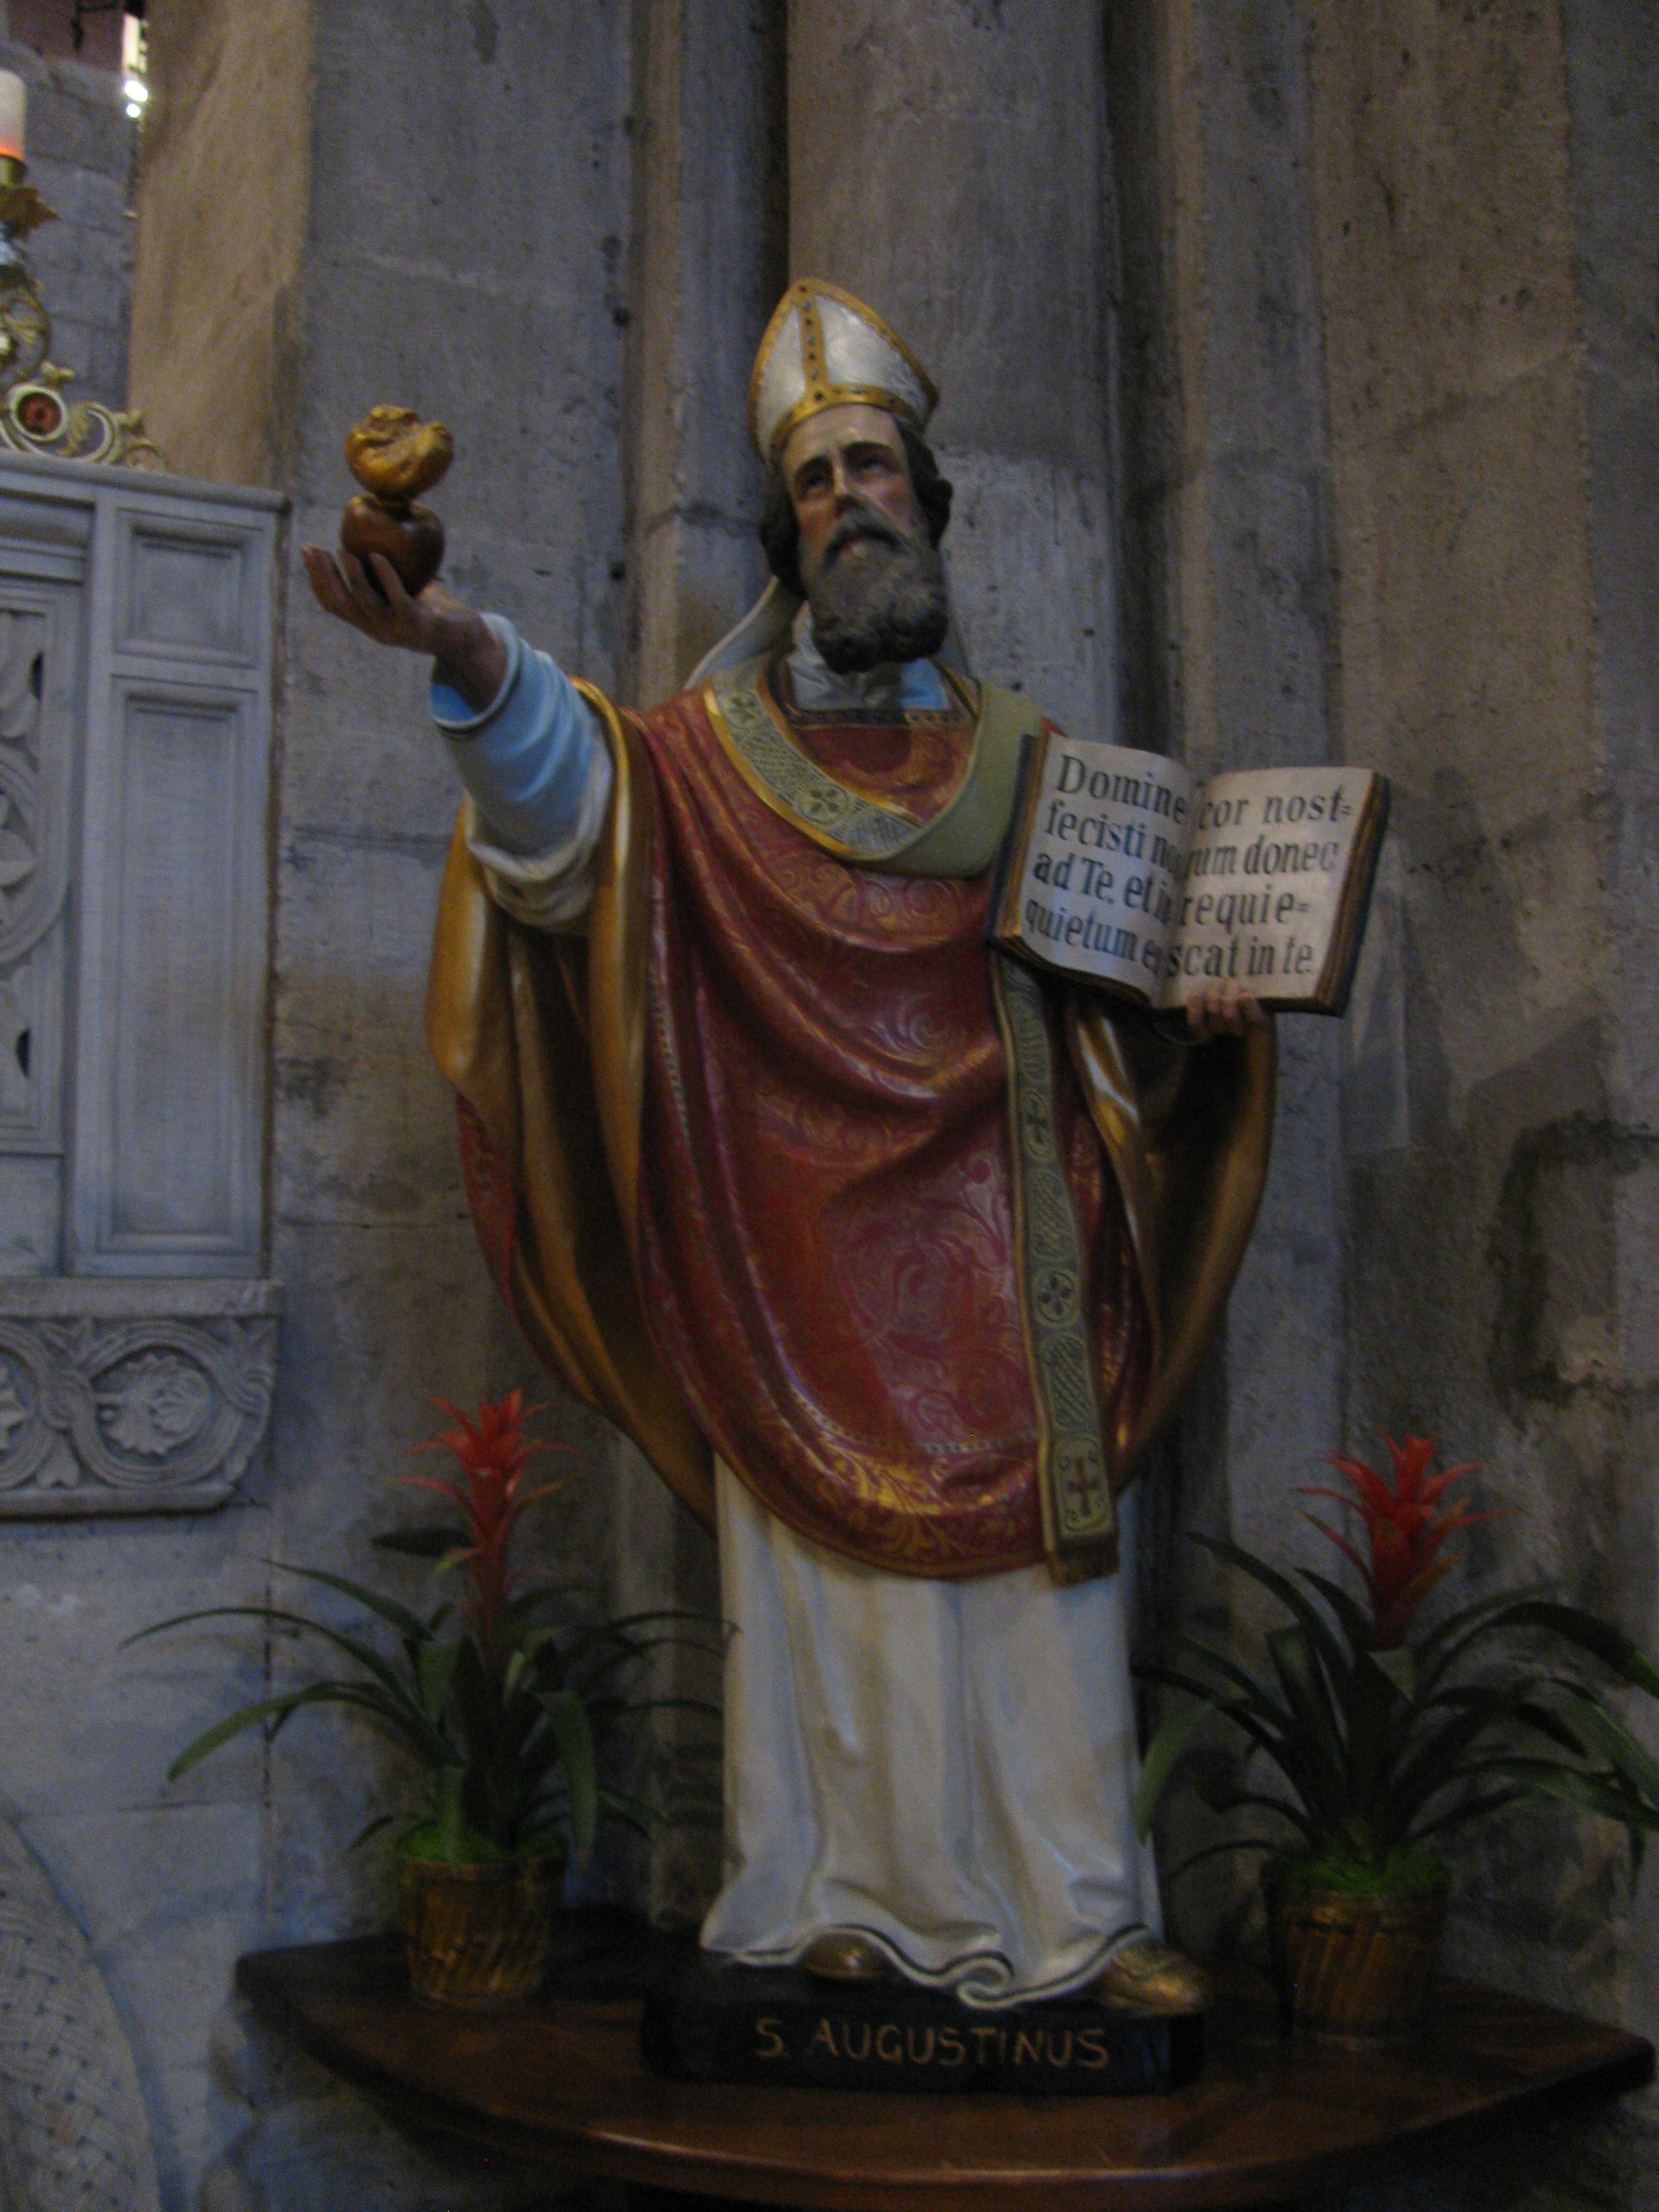 Statua di Sant'Agostino all'interno della Basilica di San Pietro in Ciel d'Oro